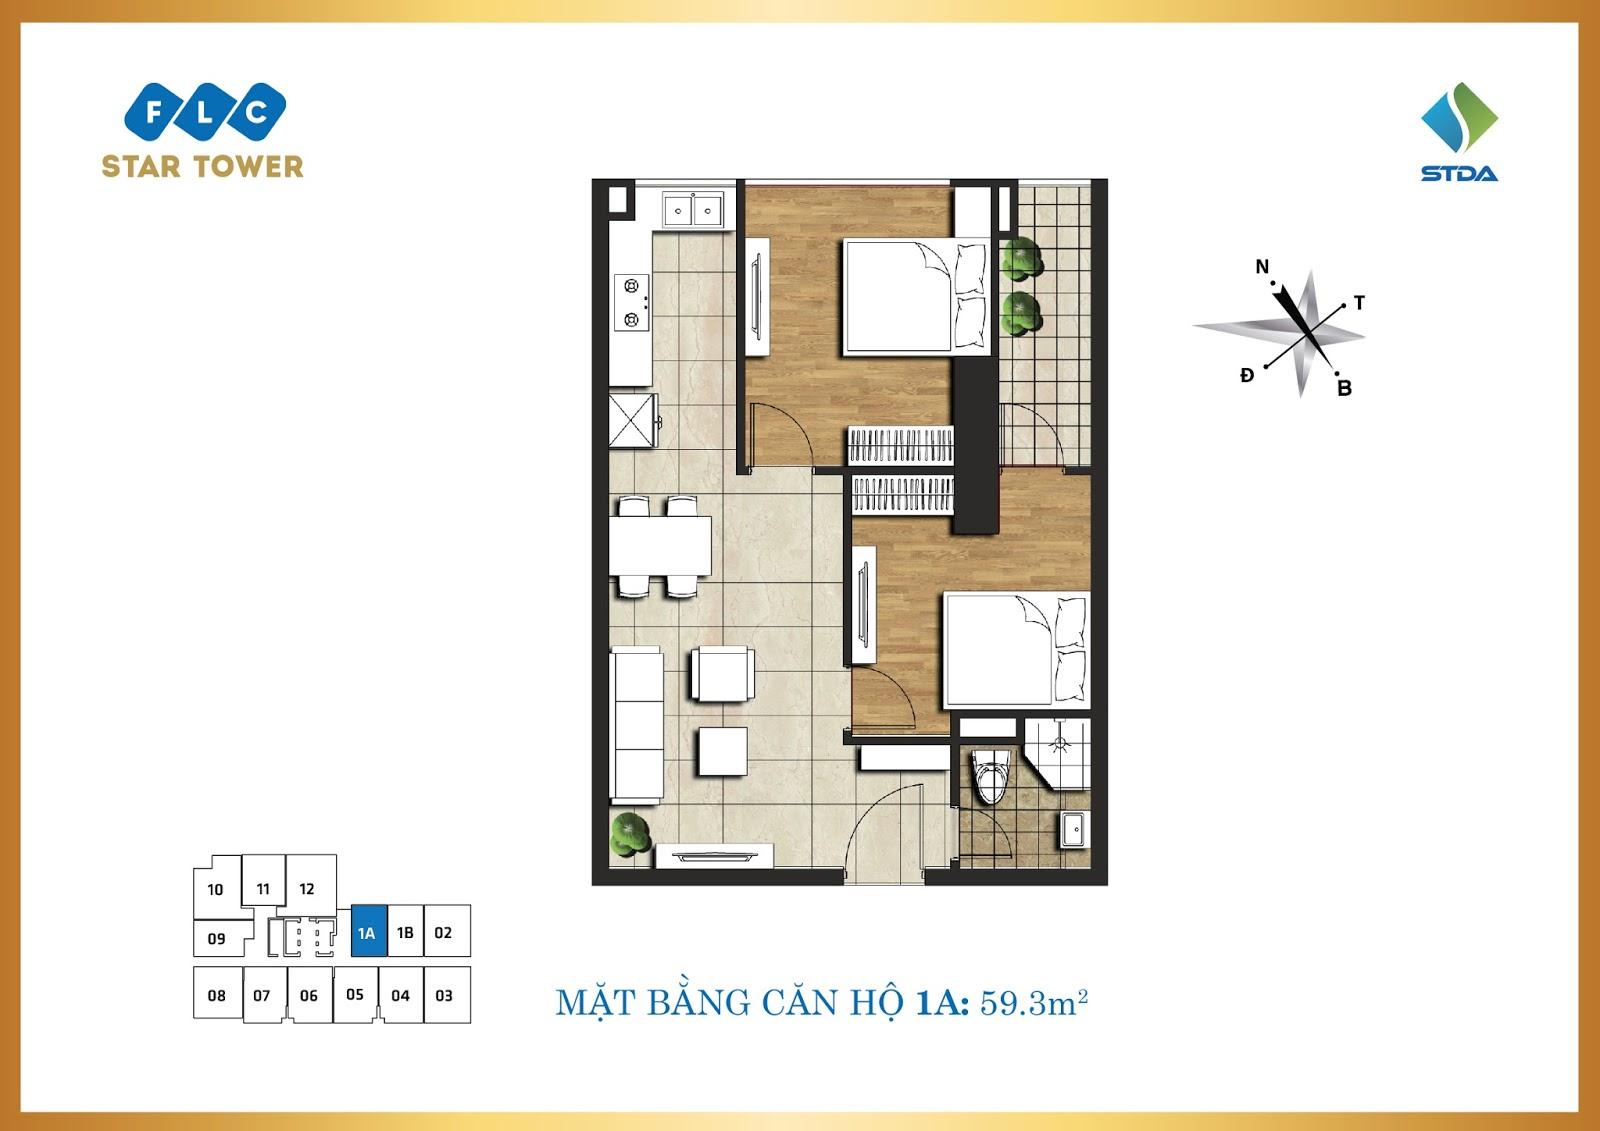 Thiết kế căn hộ 1A - Chung cư FLC Star Tower